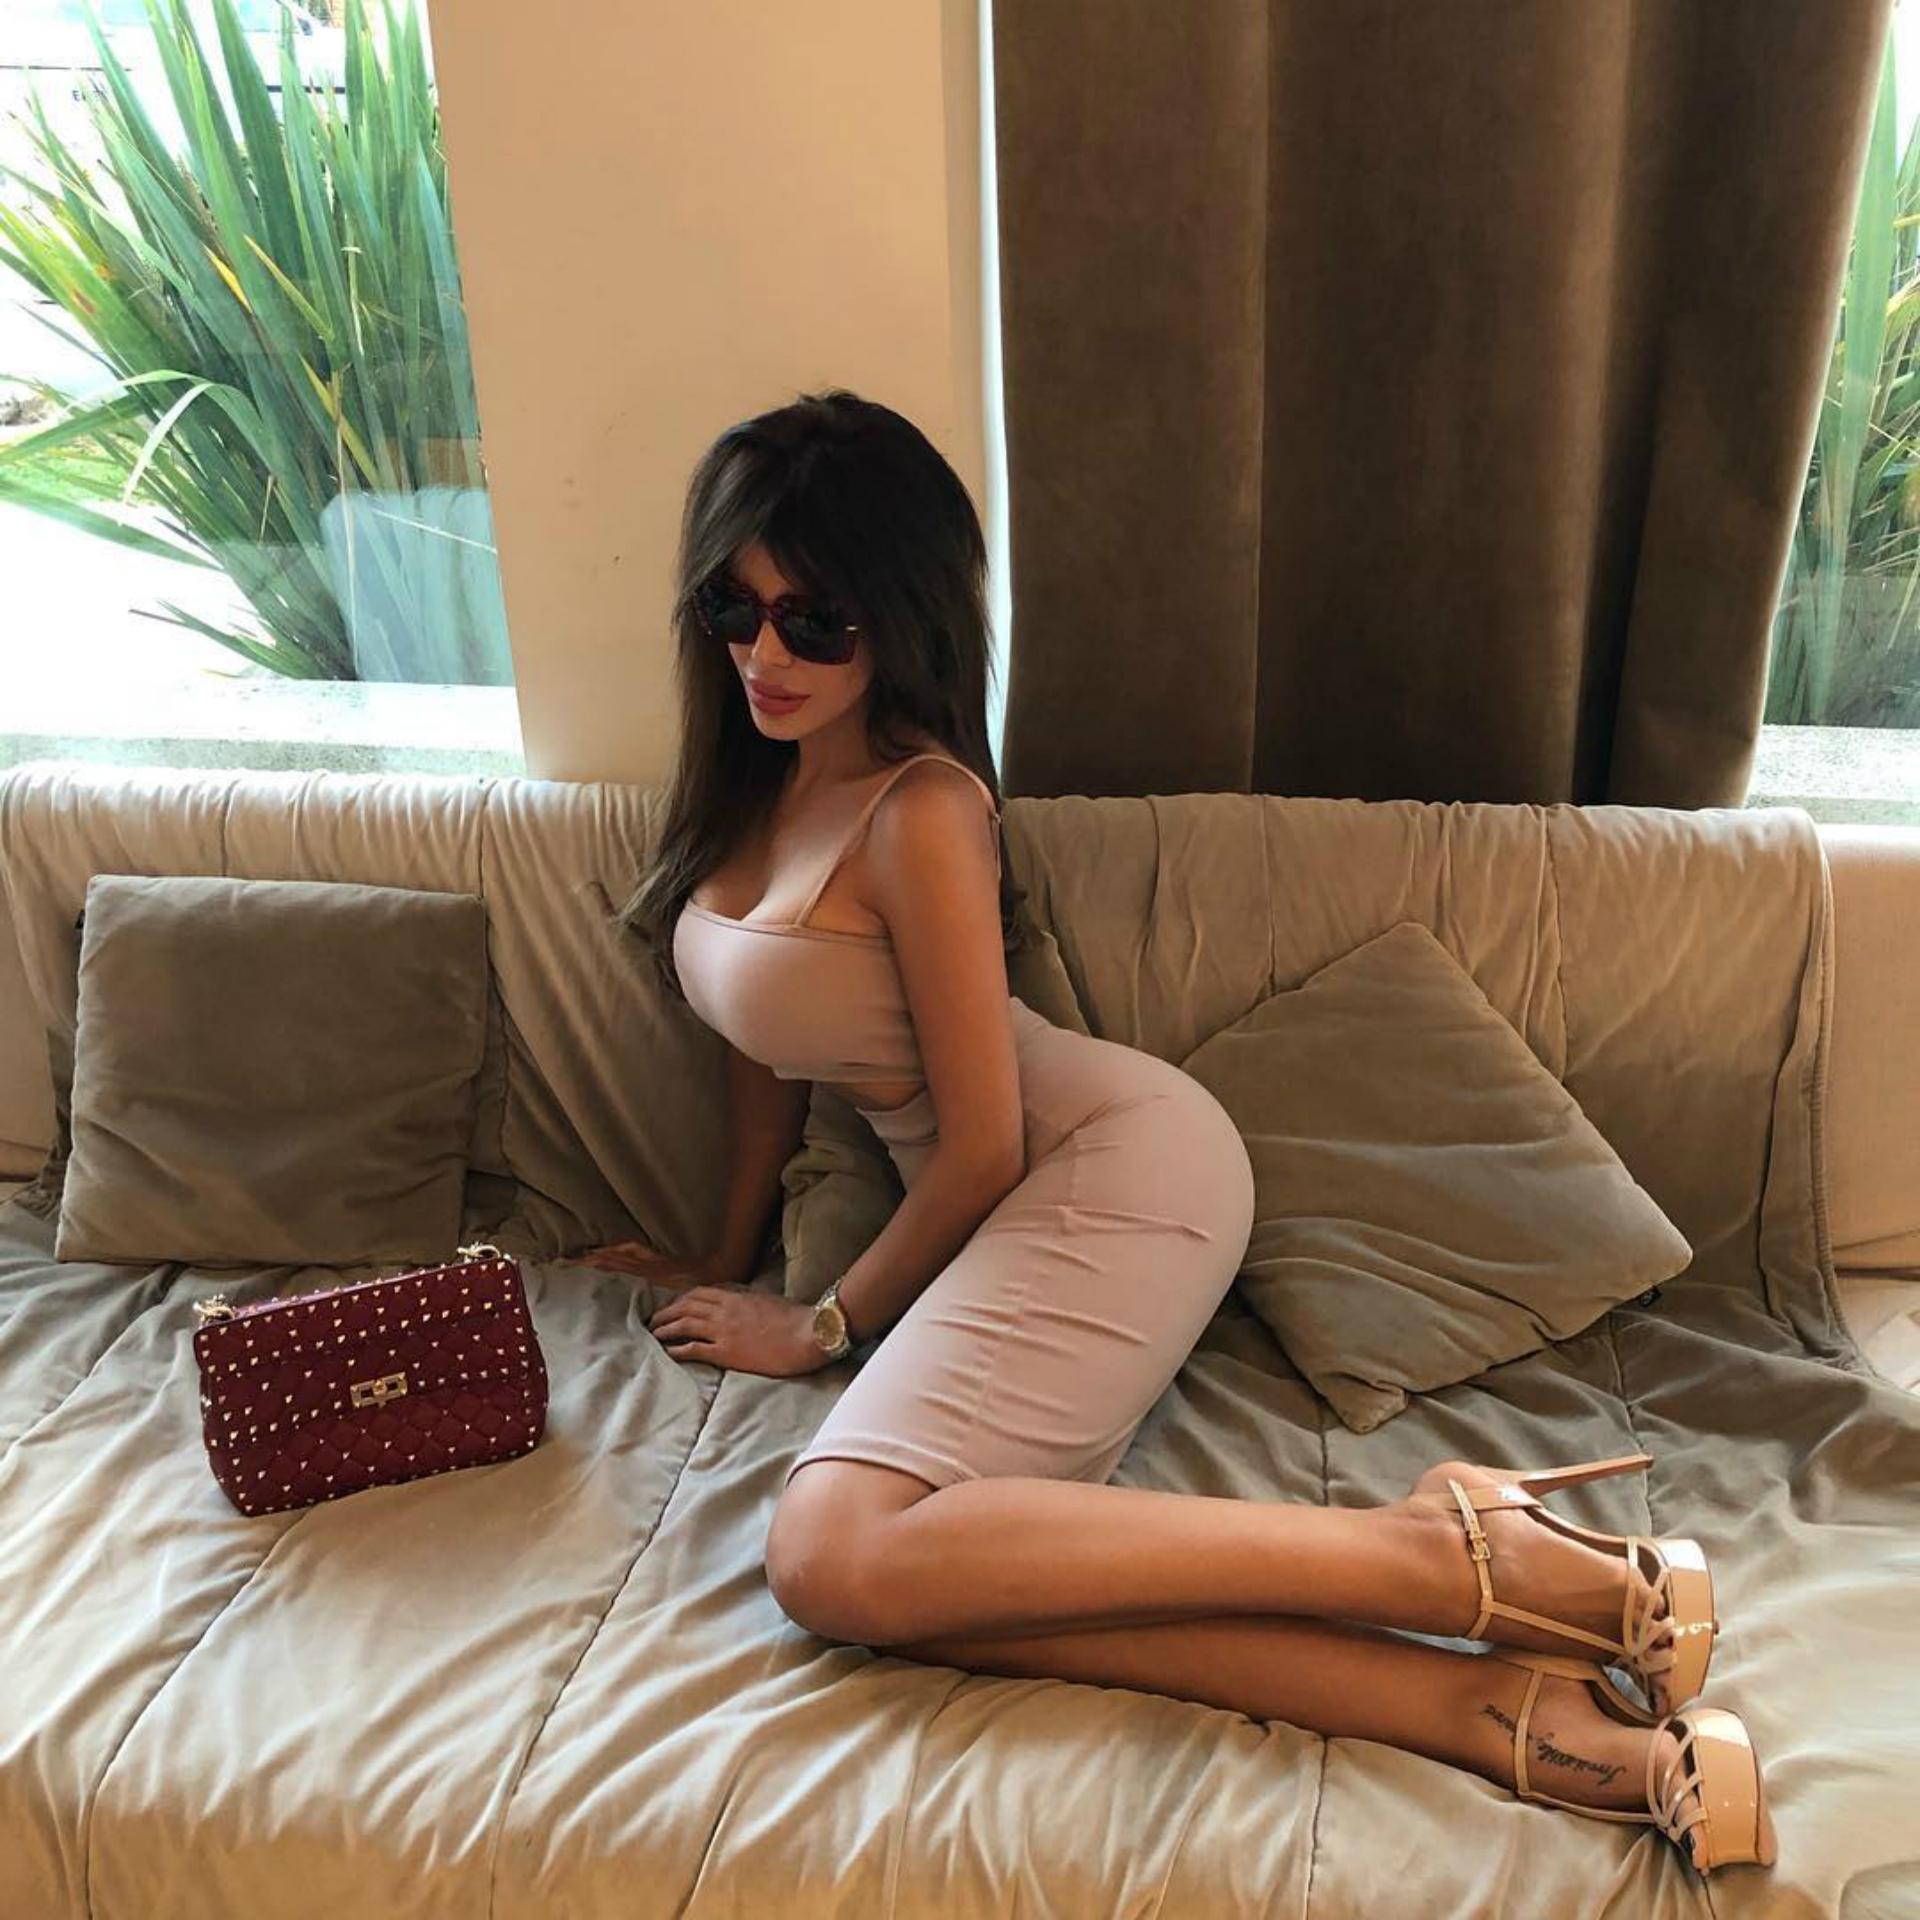 """Charlotte Caniggia confesó varios retoques estéticos entre ellos, rinoplastía, implantes mamarios, lipopero dice """"hace tres años que no me hago nada""""."""